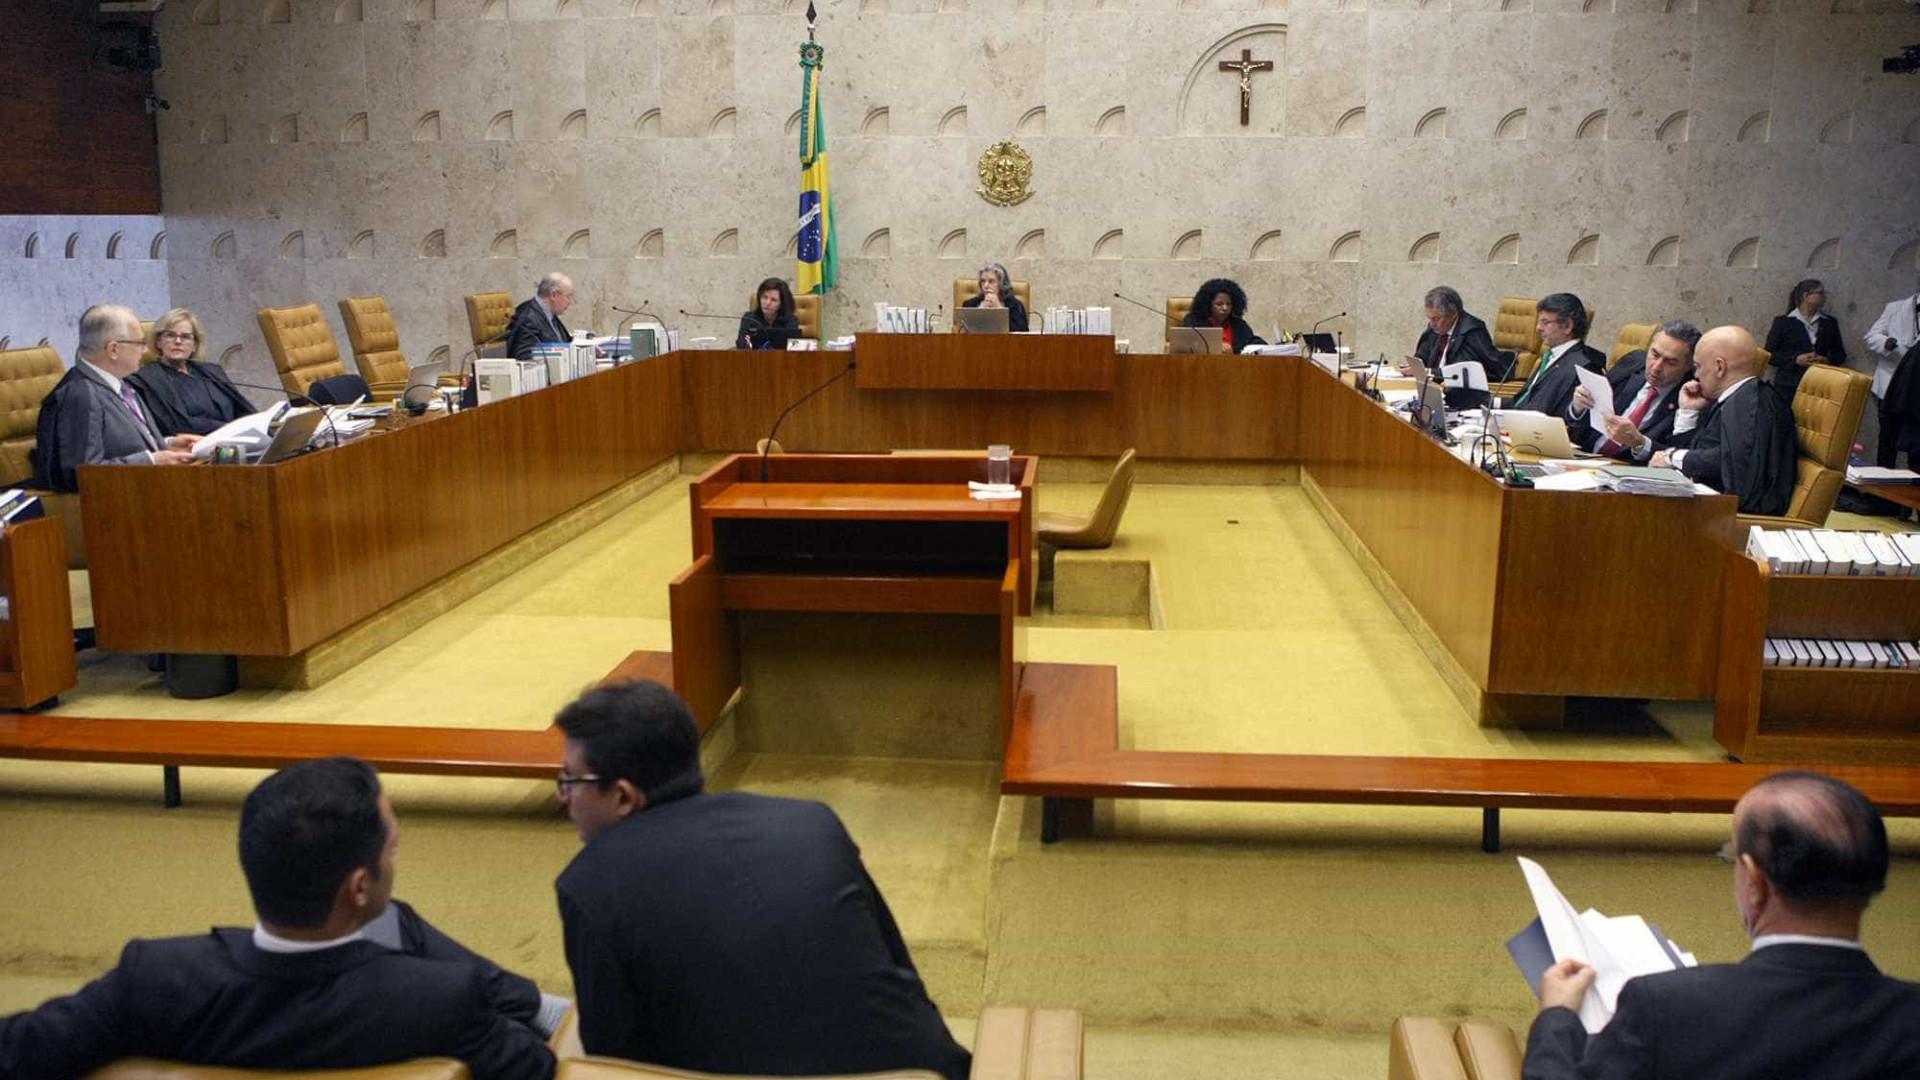 Marco Aurélio permite que PF feche delação premiada; julgamento é suspenso